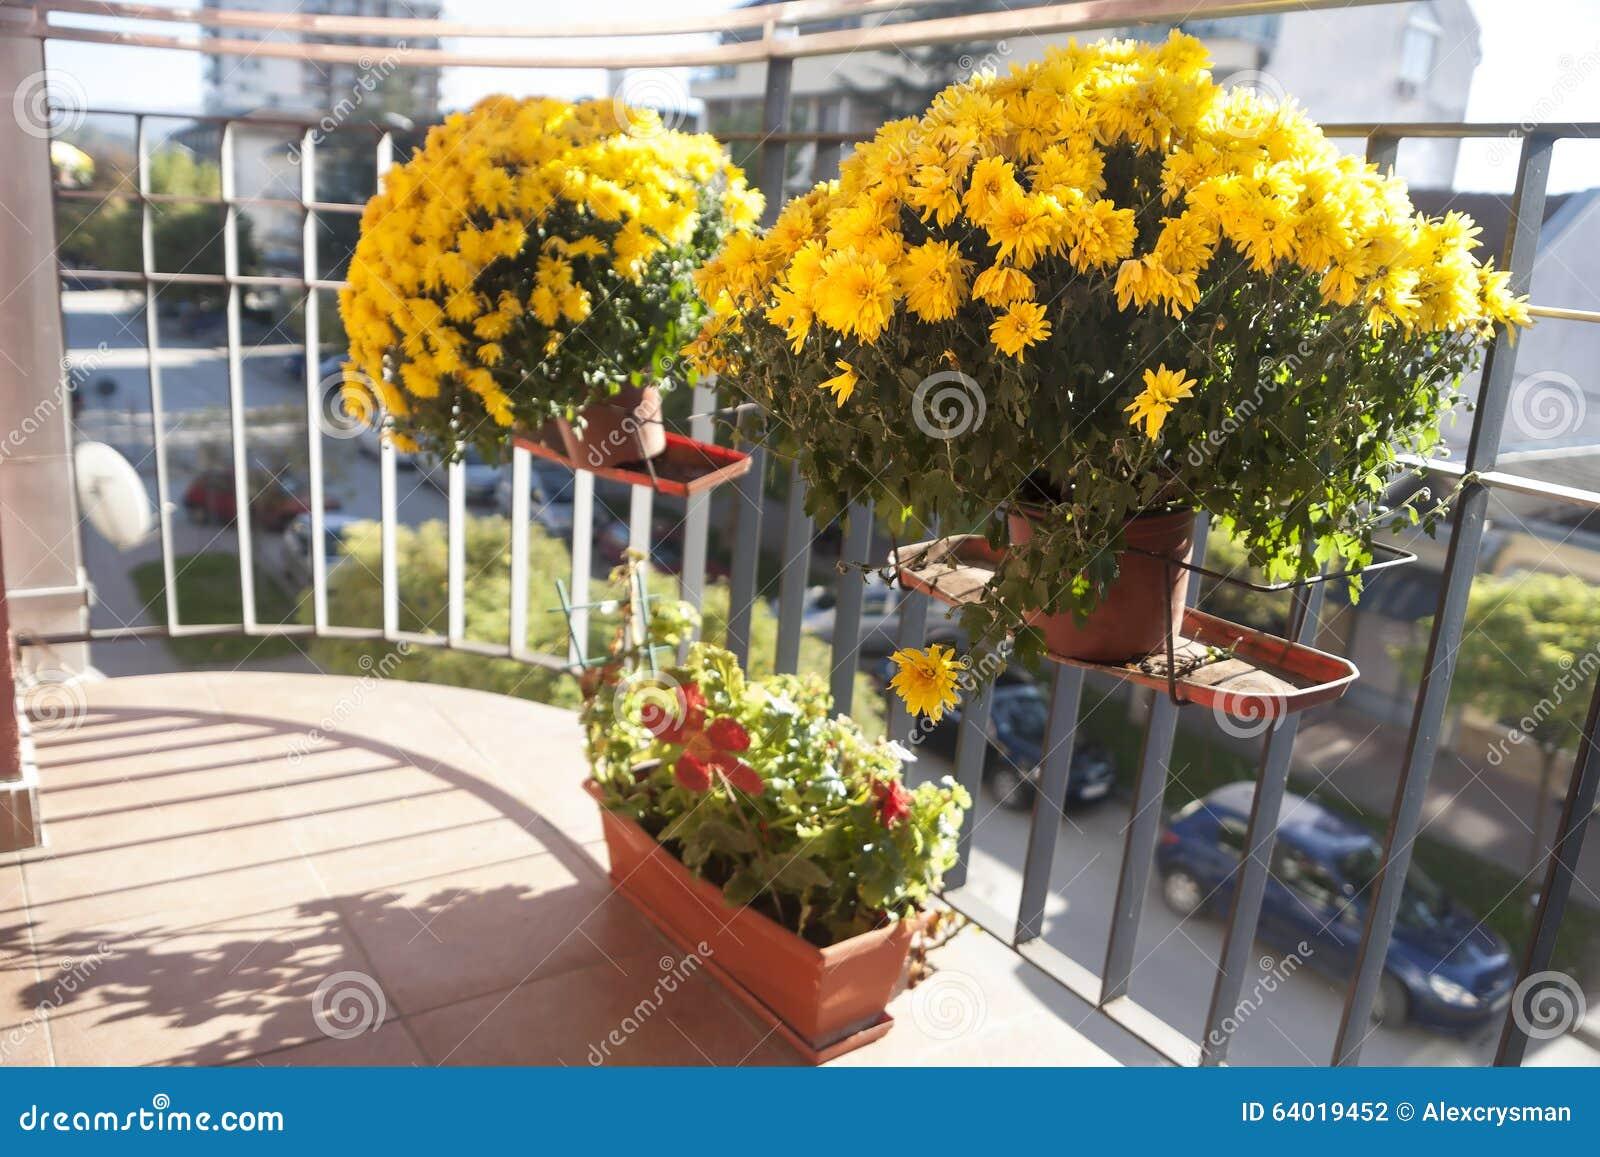 Fiori Sul Terrazzo Ideas - Idee Arredamento Casa - hirepro.us